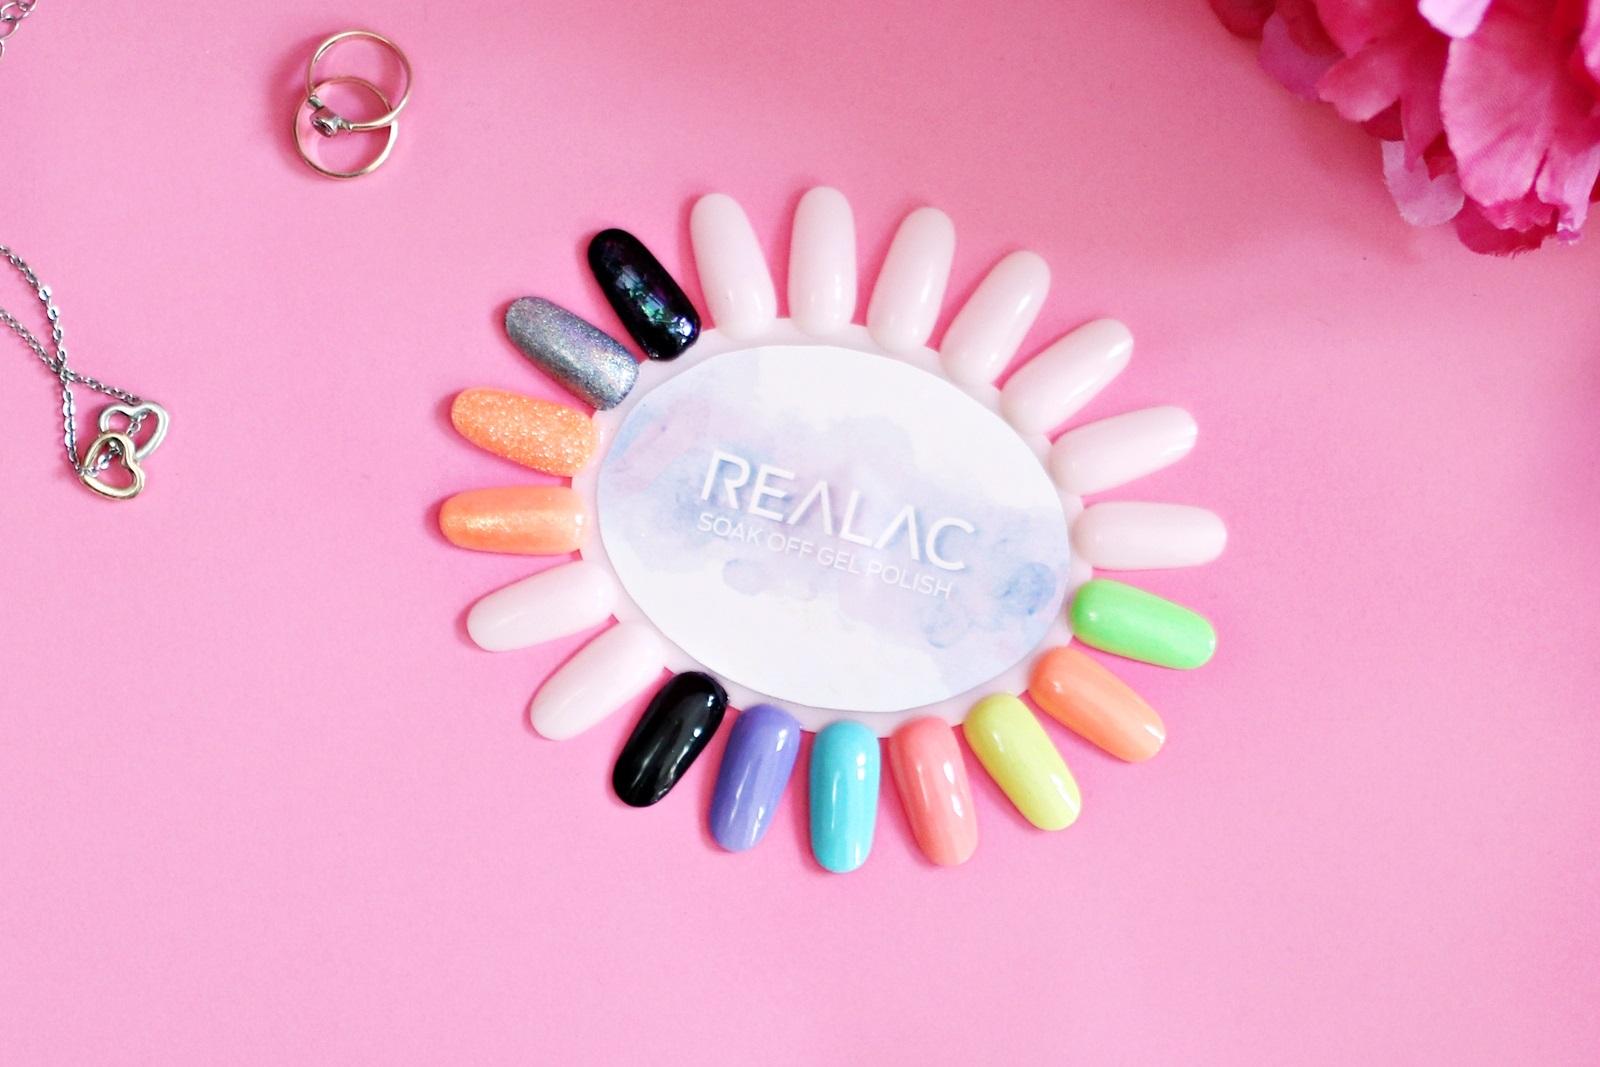 Wiosenna kolekcja lakierów hybrydowych Realac - Make The Season Bright!